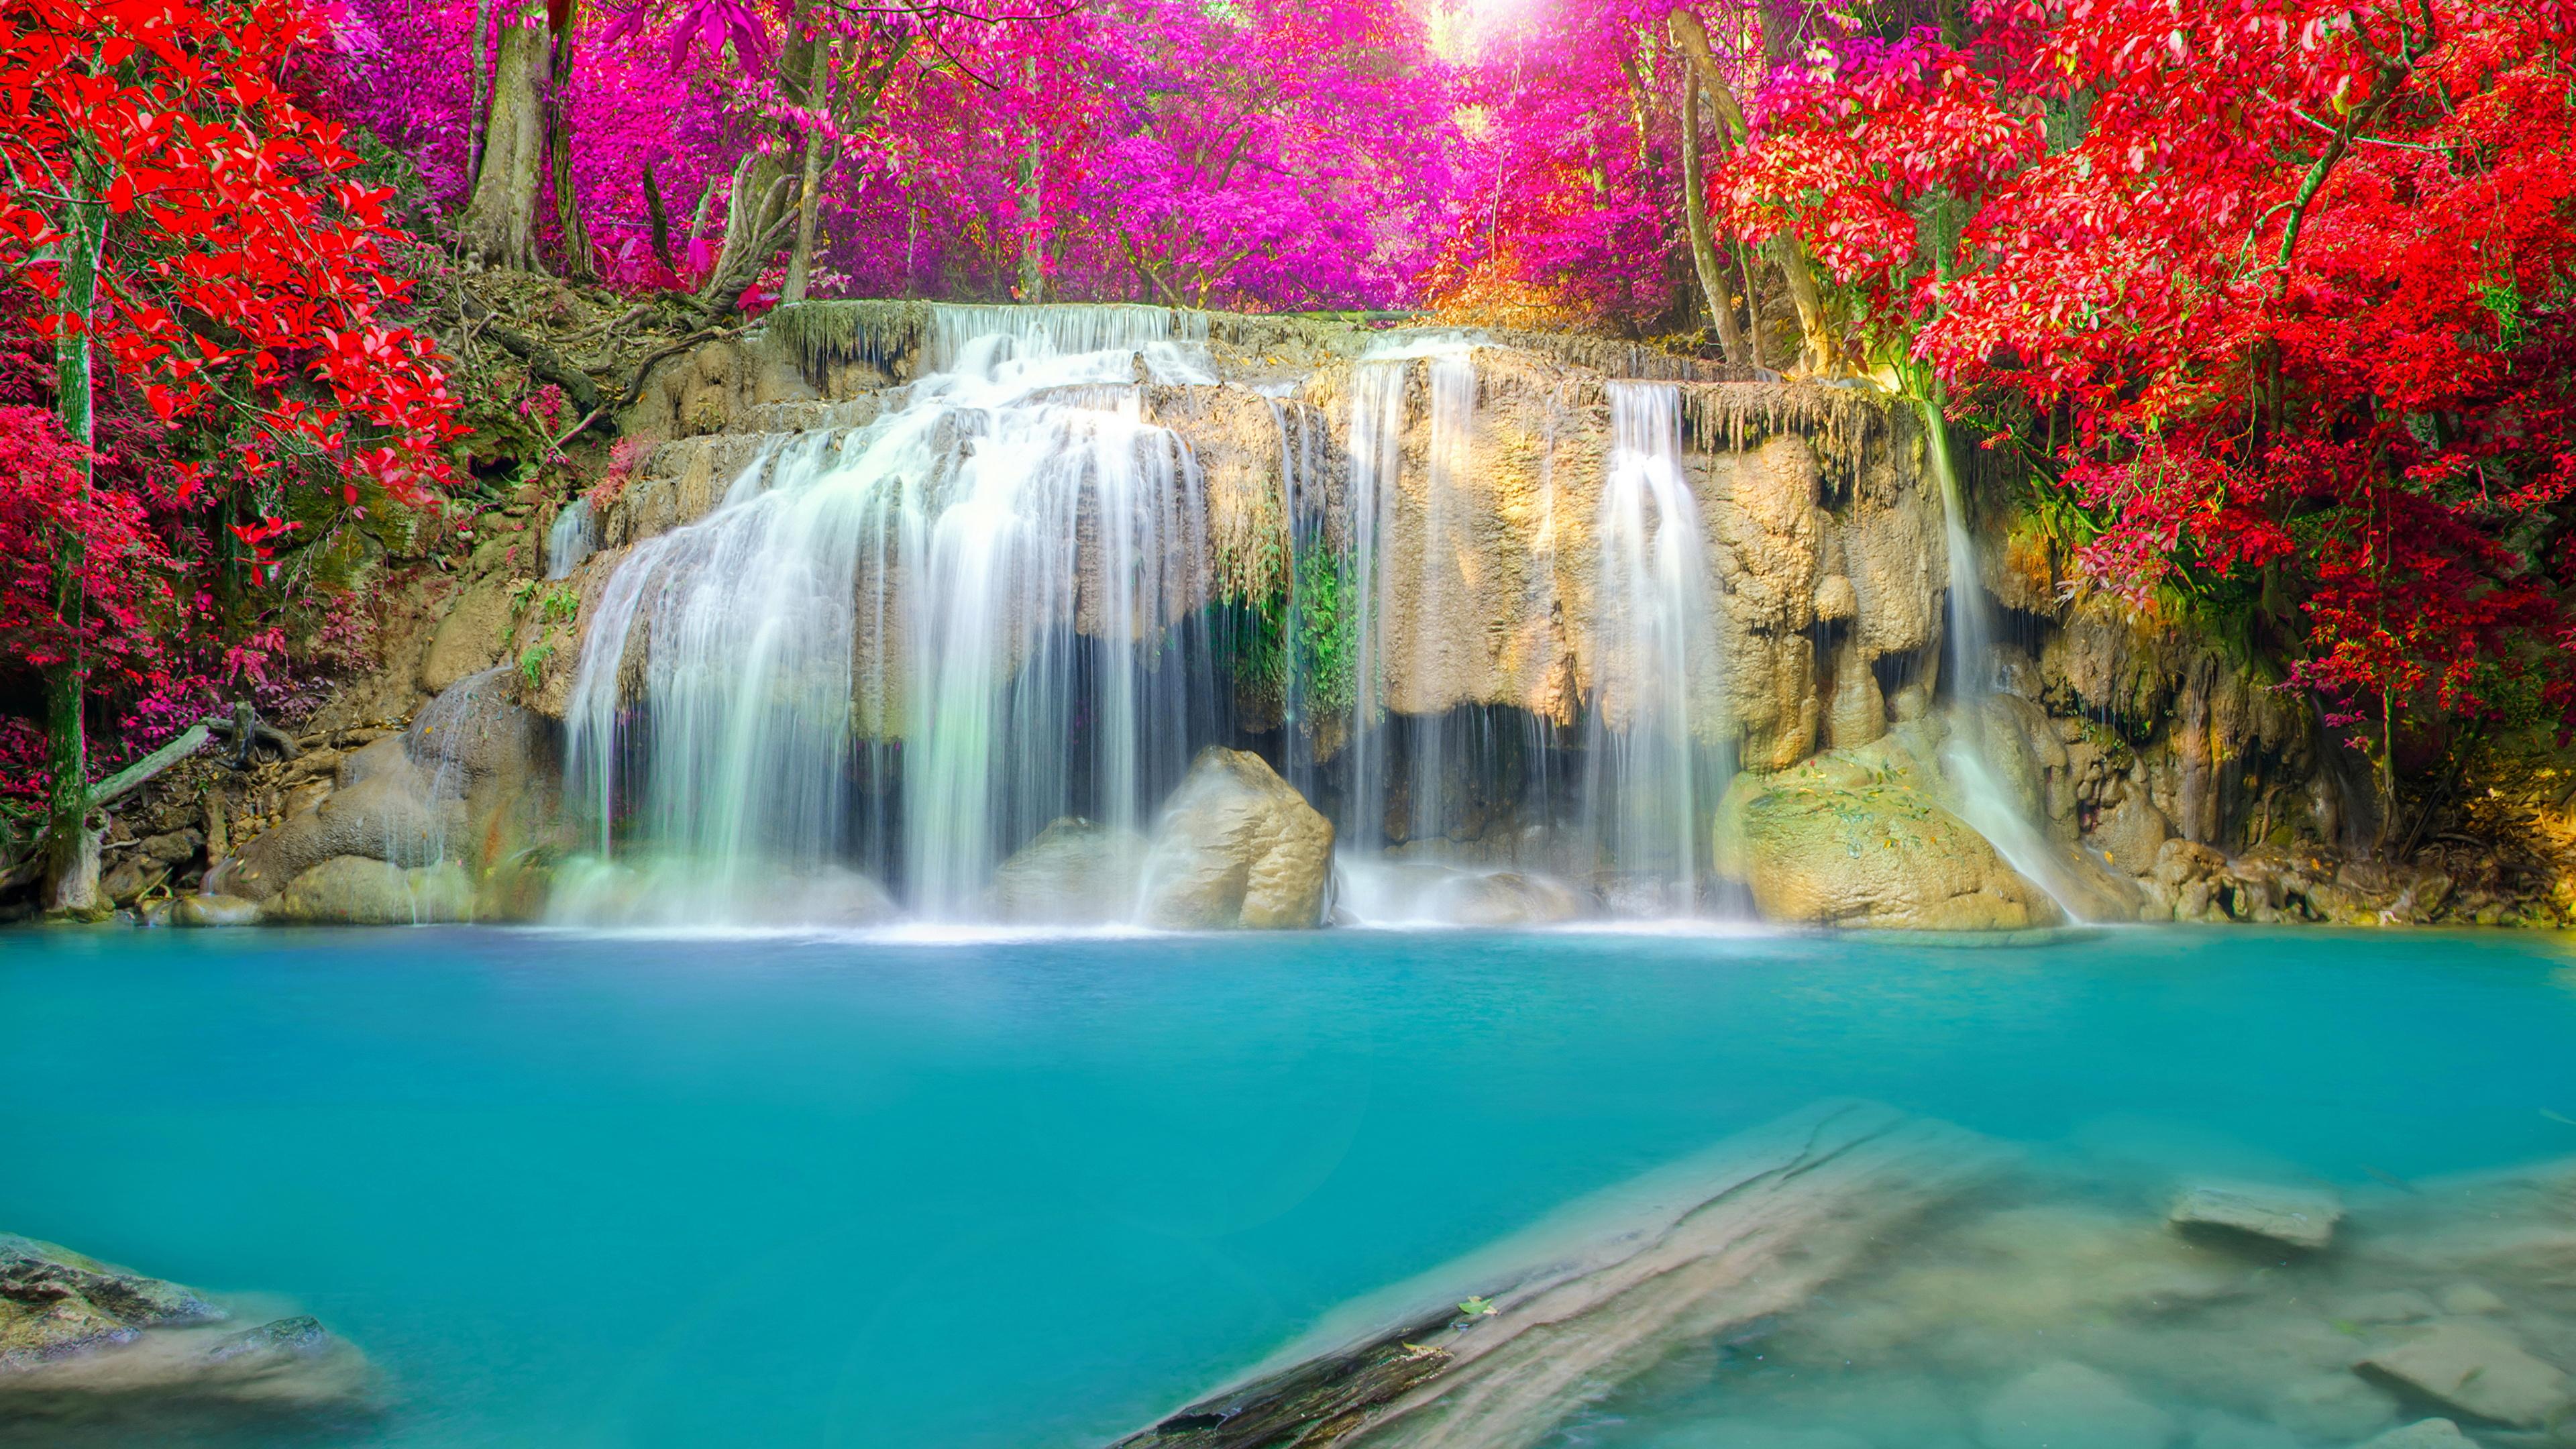 обои на рабочий стол осень золотая водопады 16139